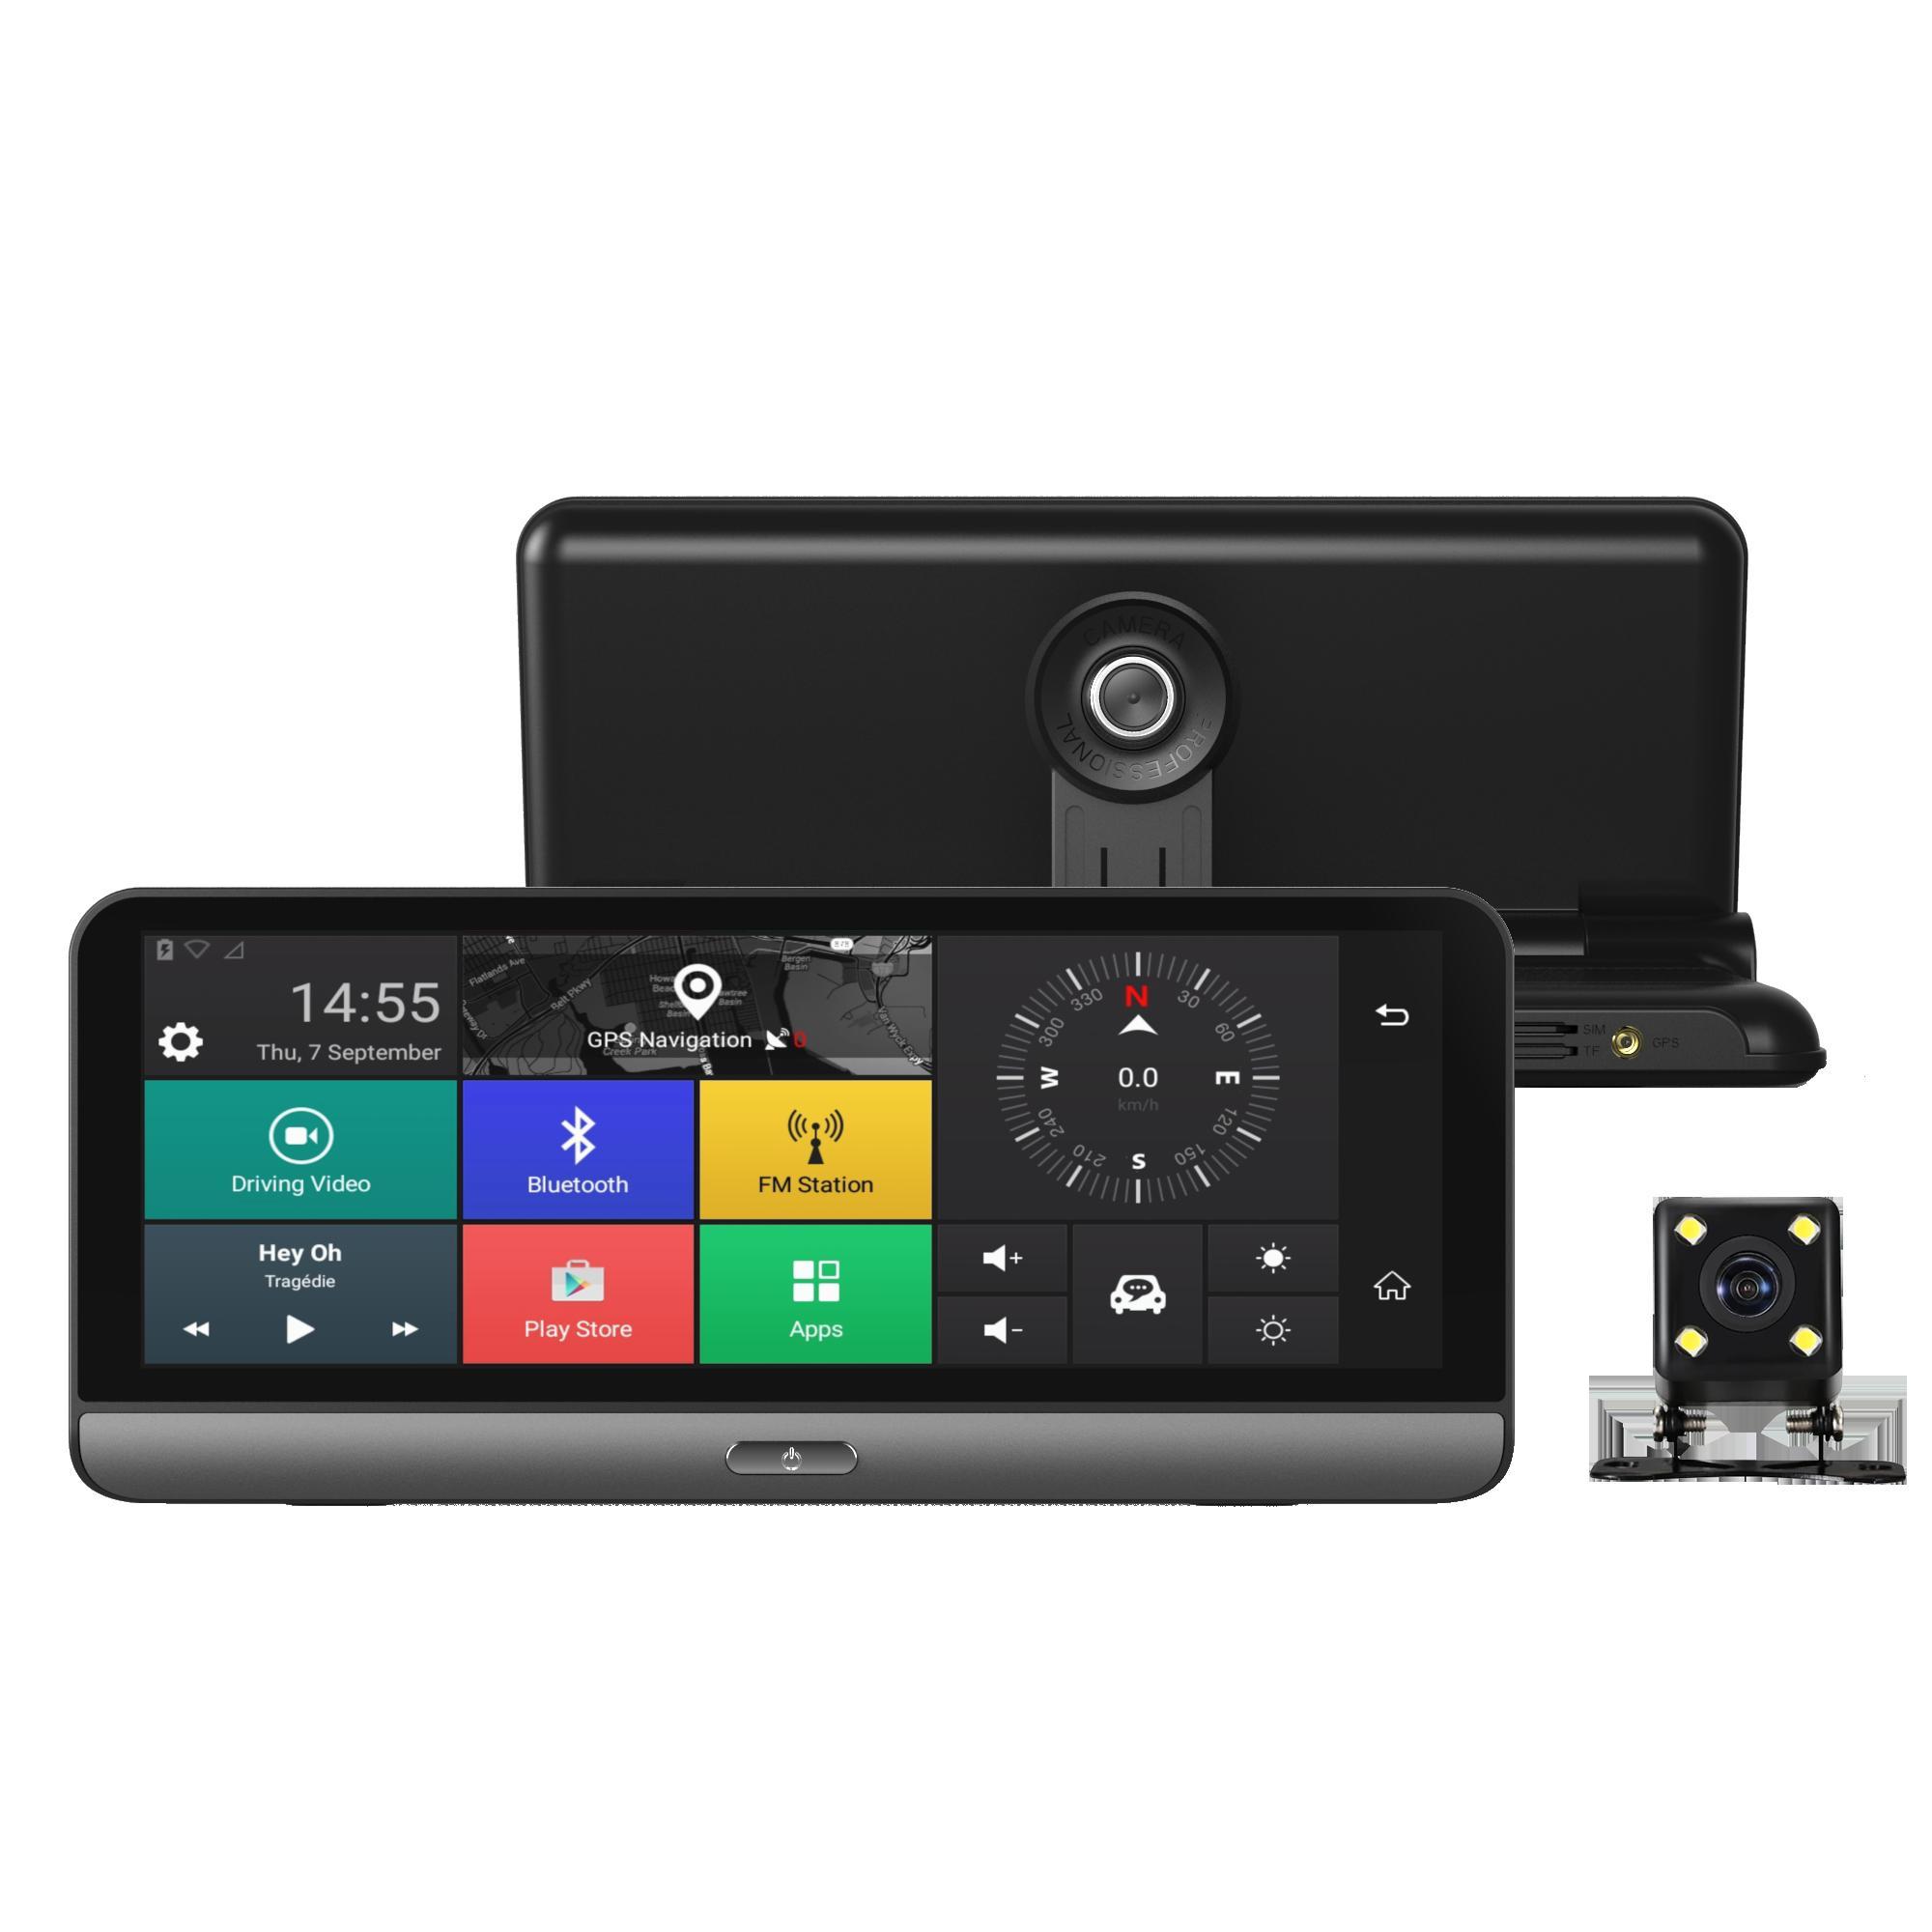 Camera hành trình Procam T98 XS, RAM 2GB, 8 INCH IPS, 4G Model 2019